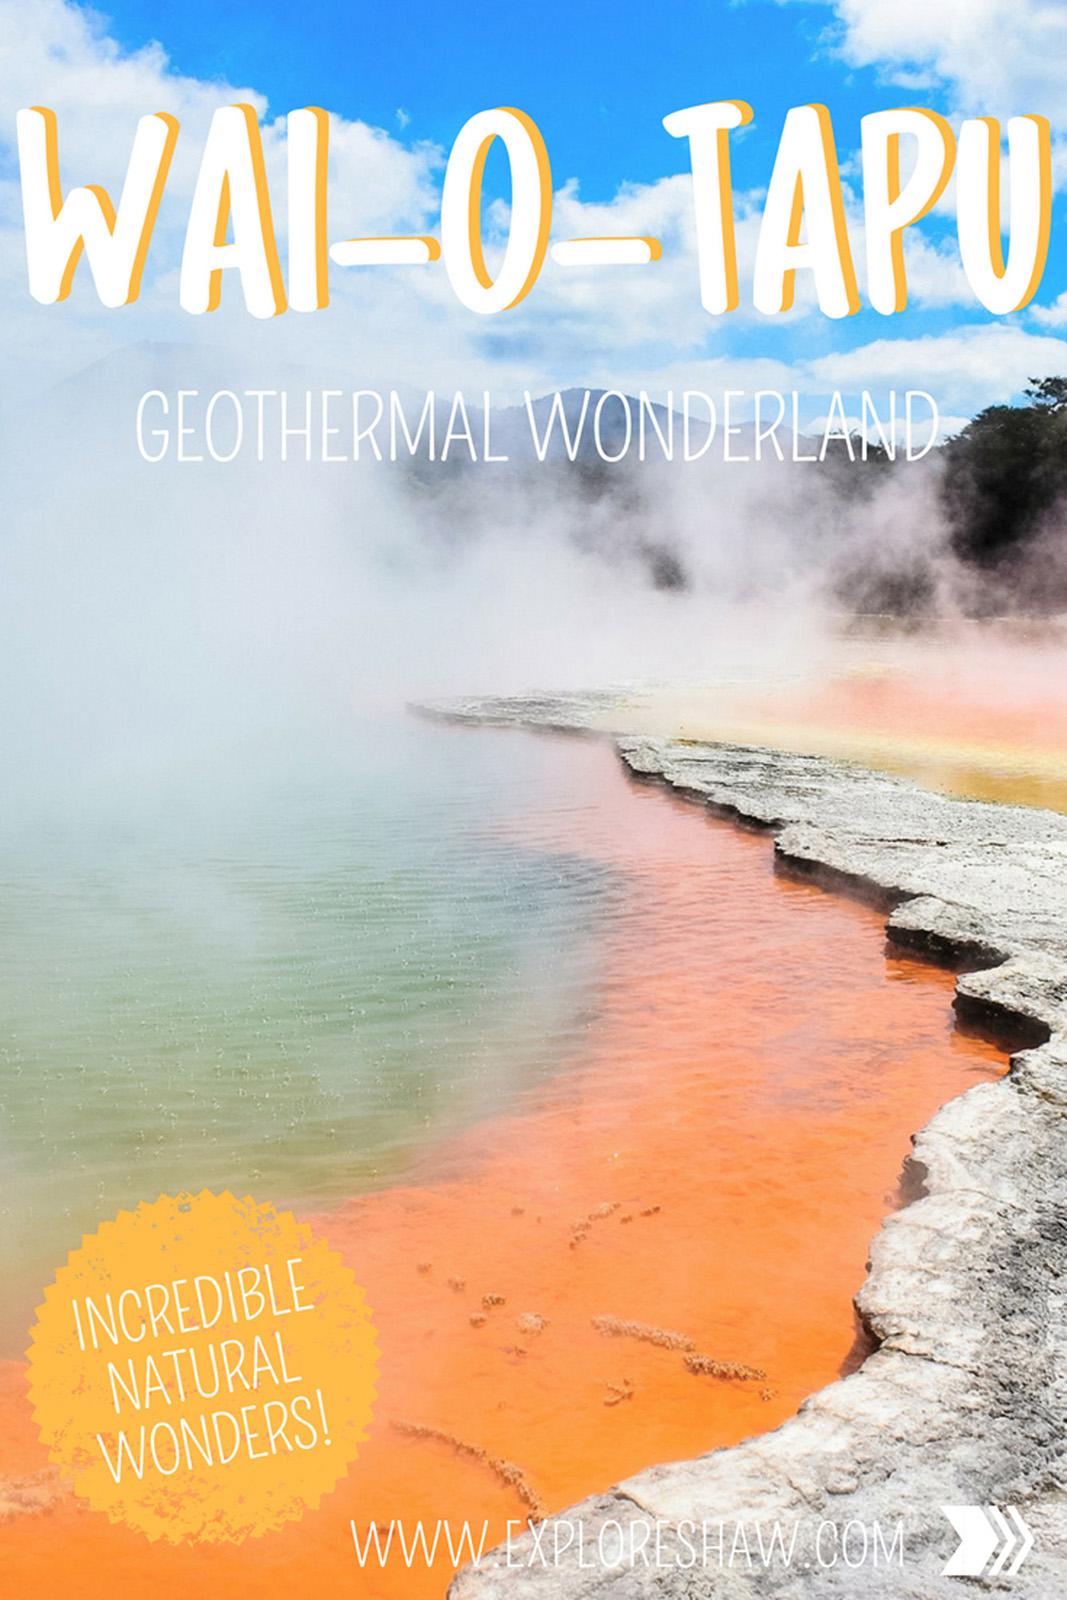 WAI-O-TAPU GEOTHERMAL WONDERLAND